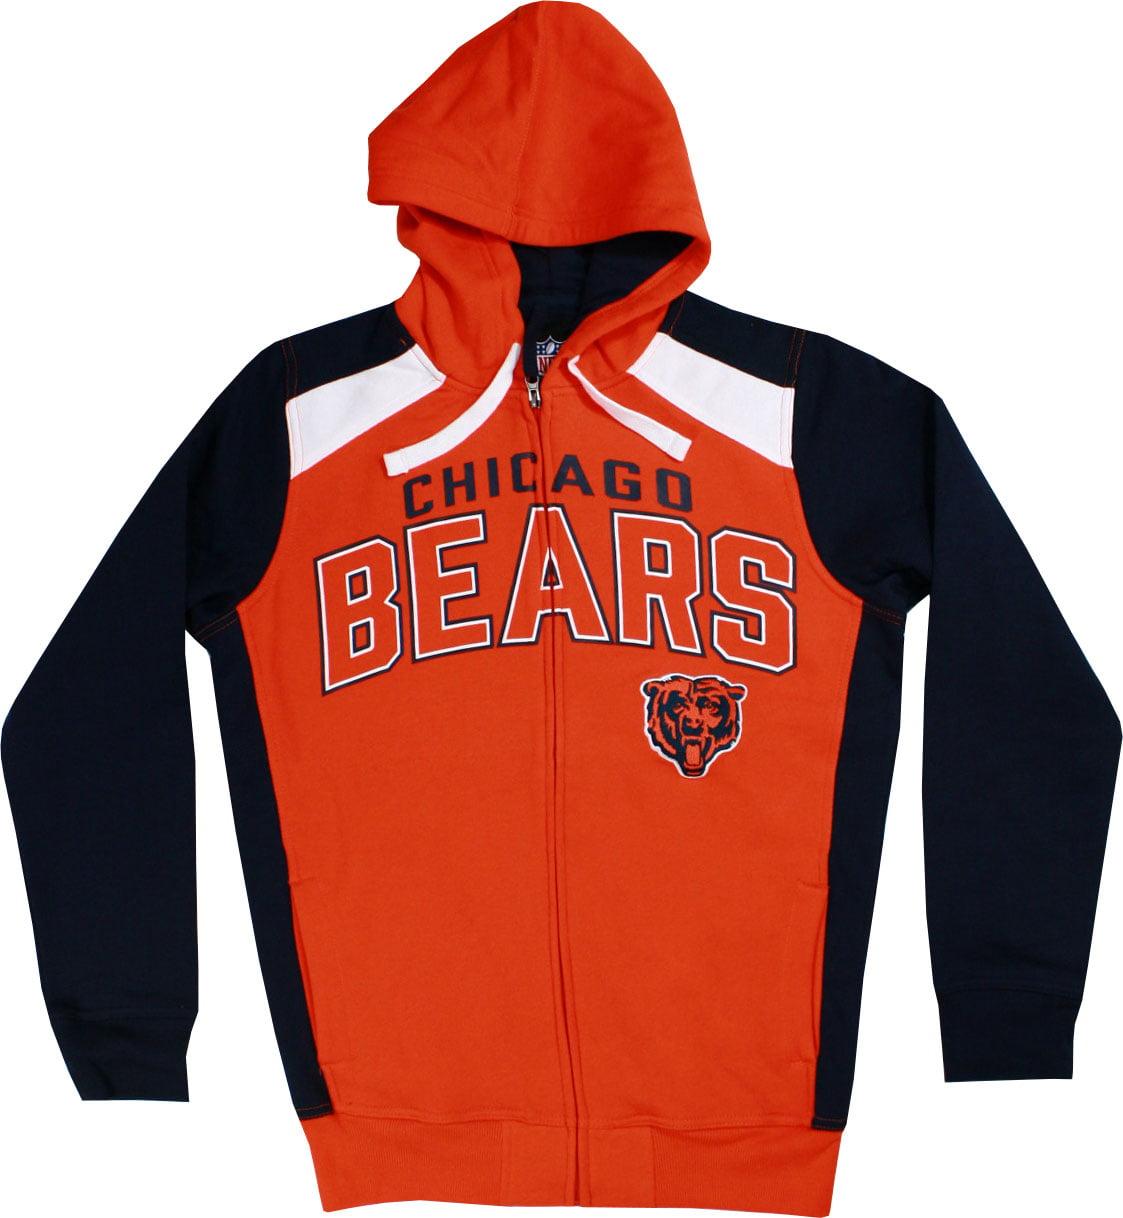 Chicago Bears Kickoff Full Zip Fleece Hoody